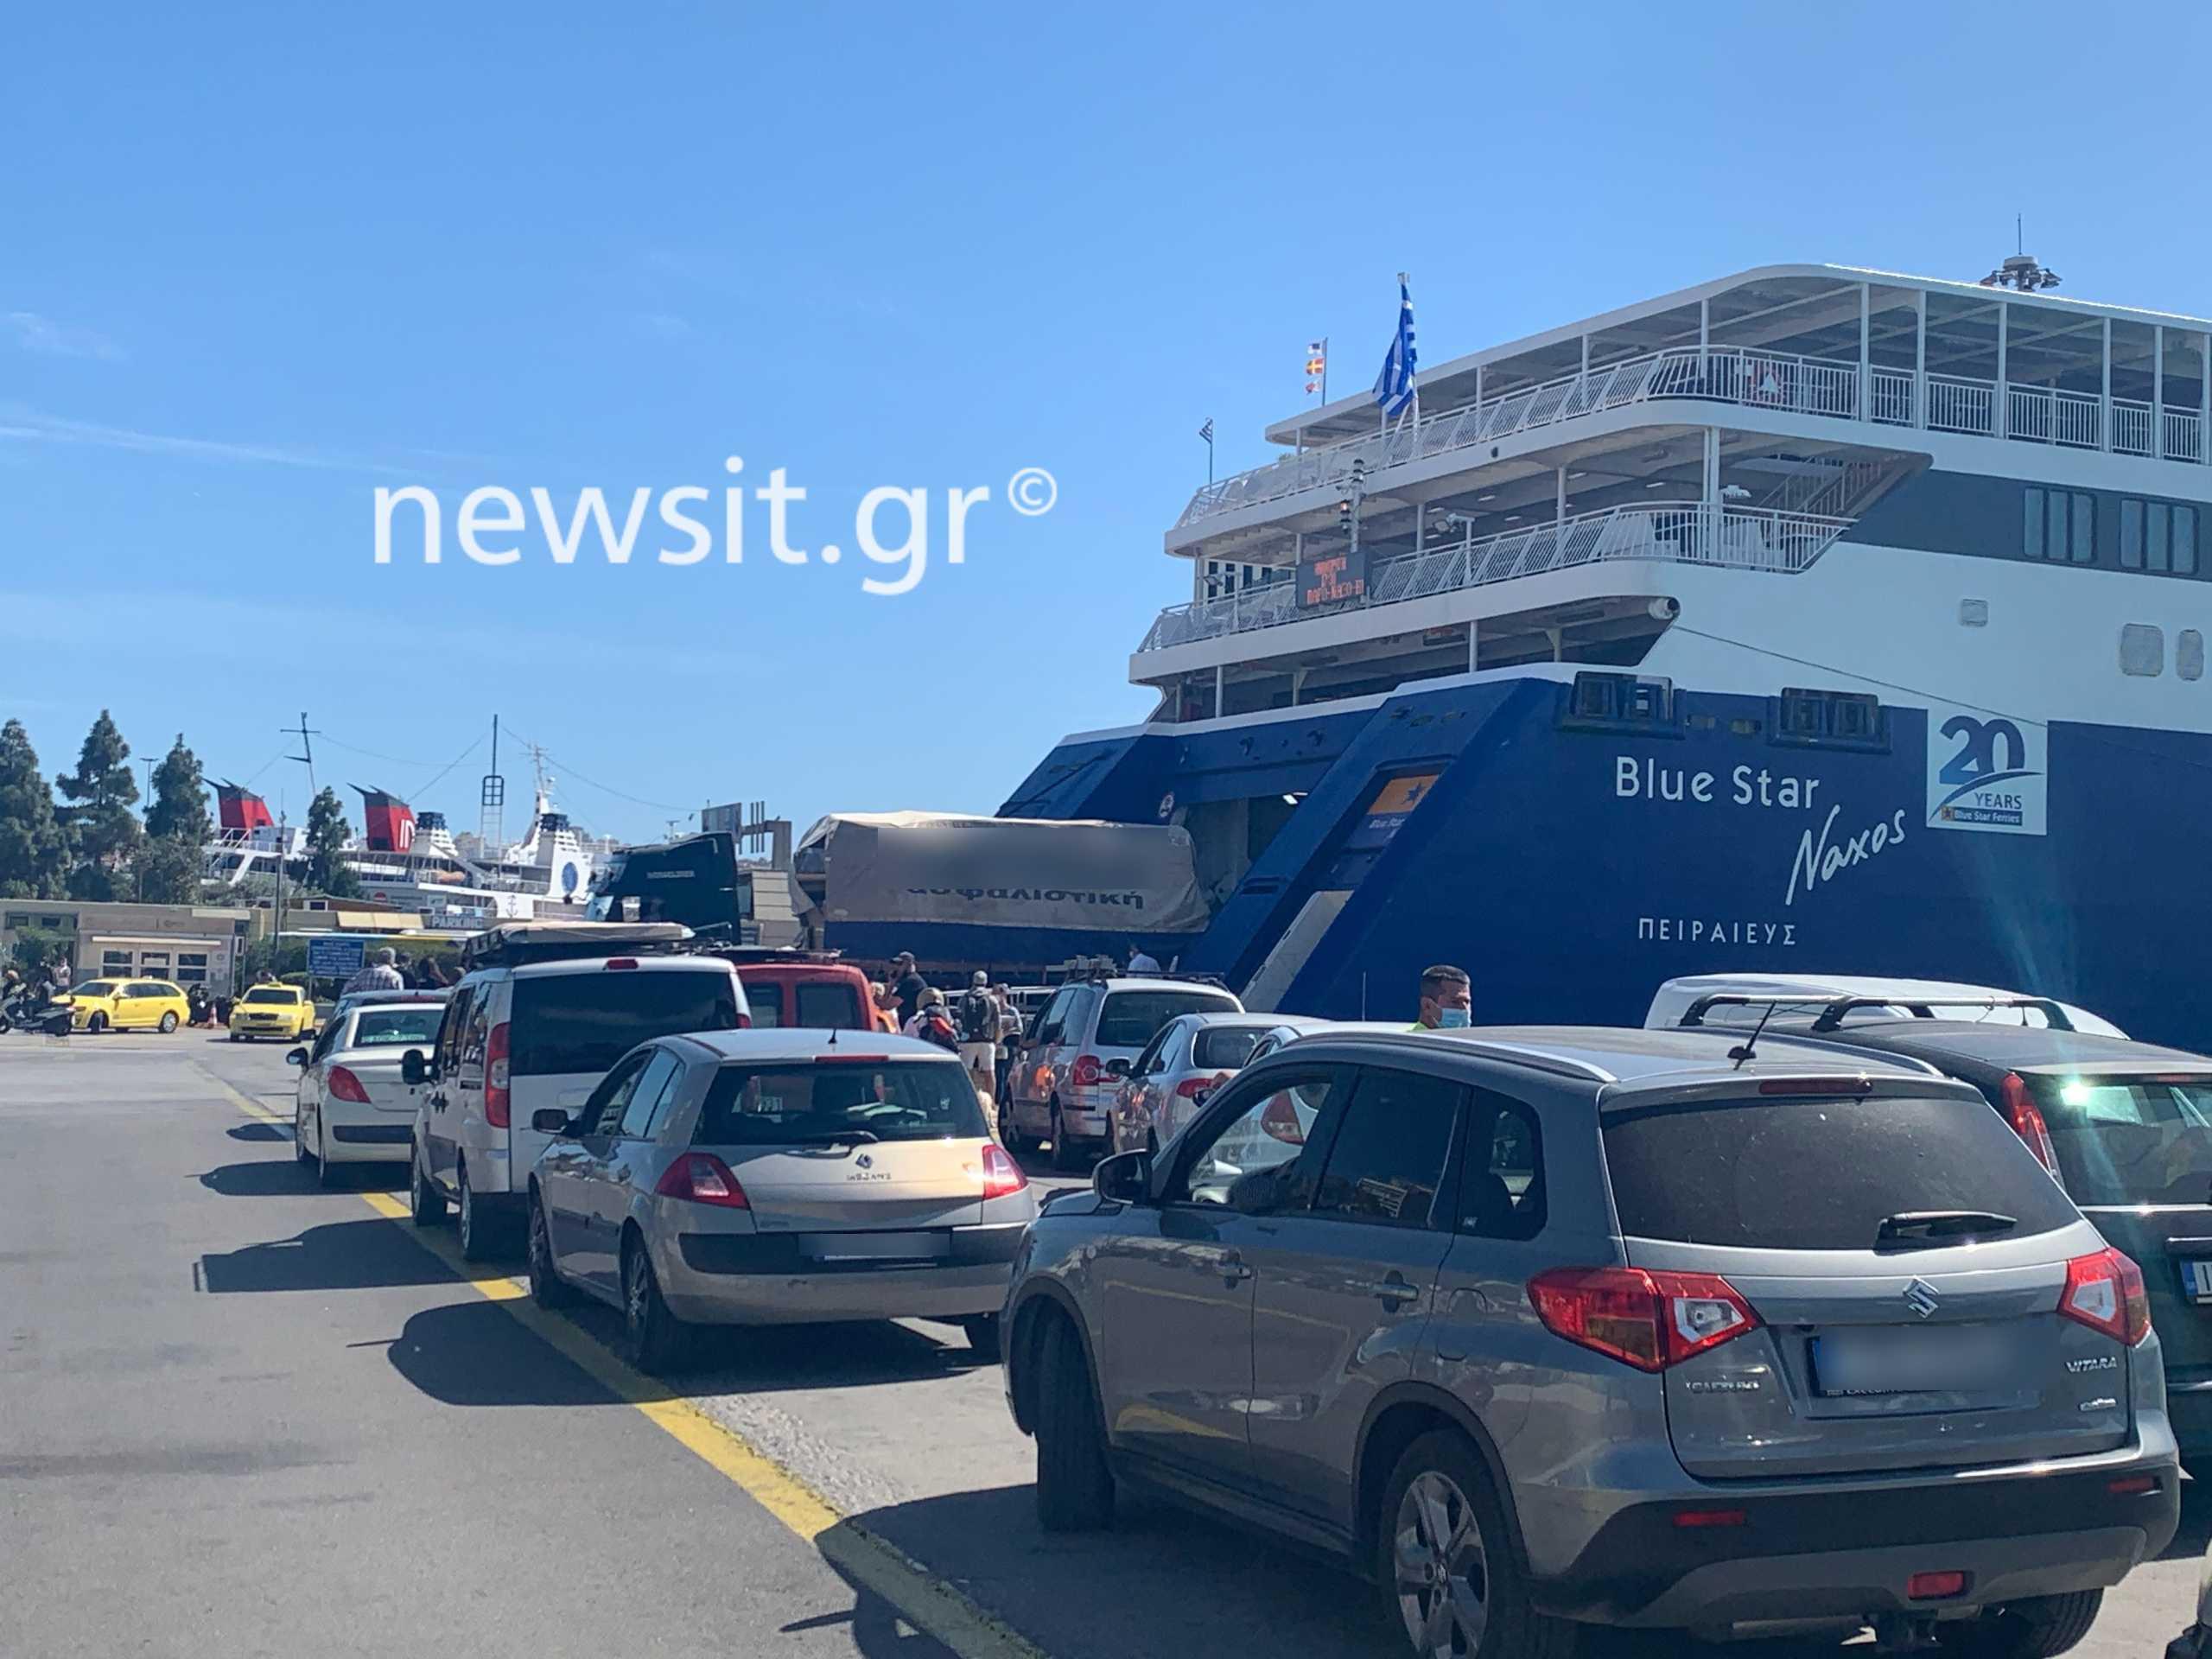 Αλαλούμ στο λιμάνι του Πειραιά: Πολλοί ταξιδιώτες «ξέχασαν» το τεστ κορονοϊού – Έλεγχοι και τρελό μποτιλιάρισμα